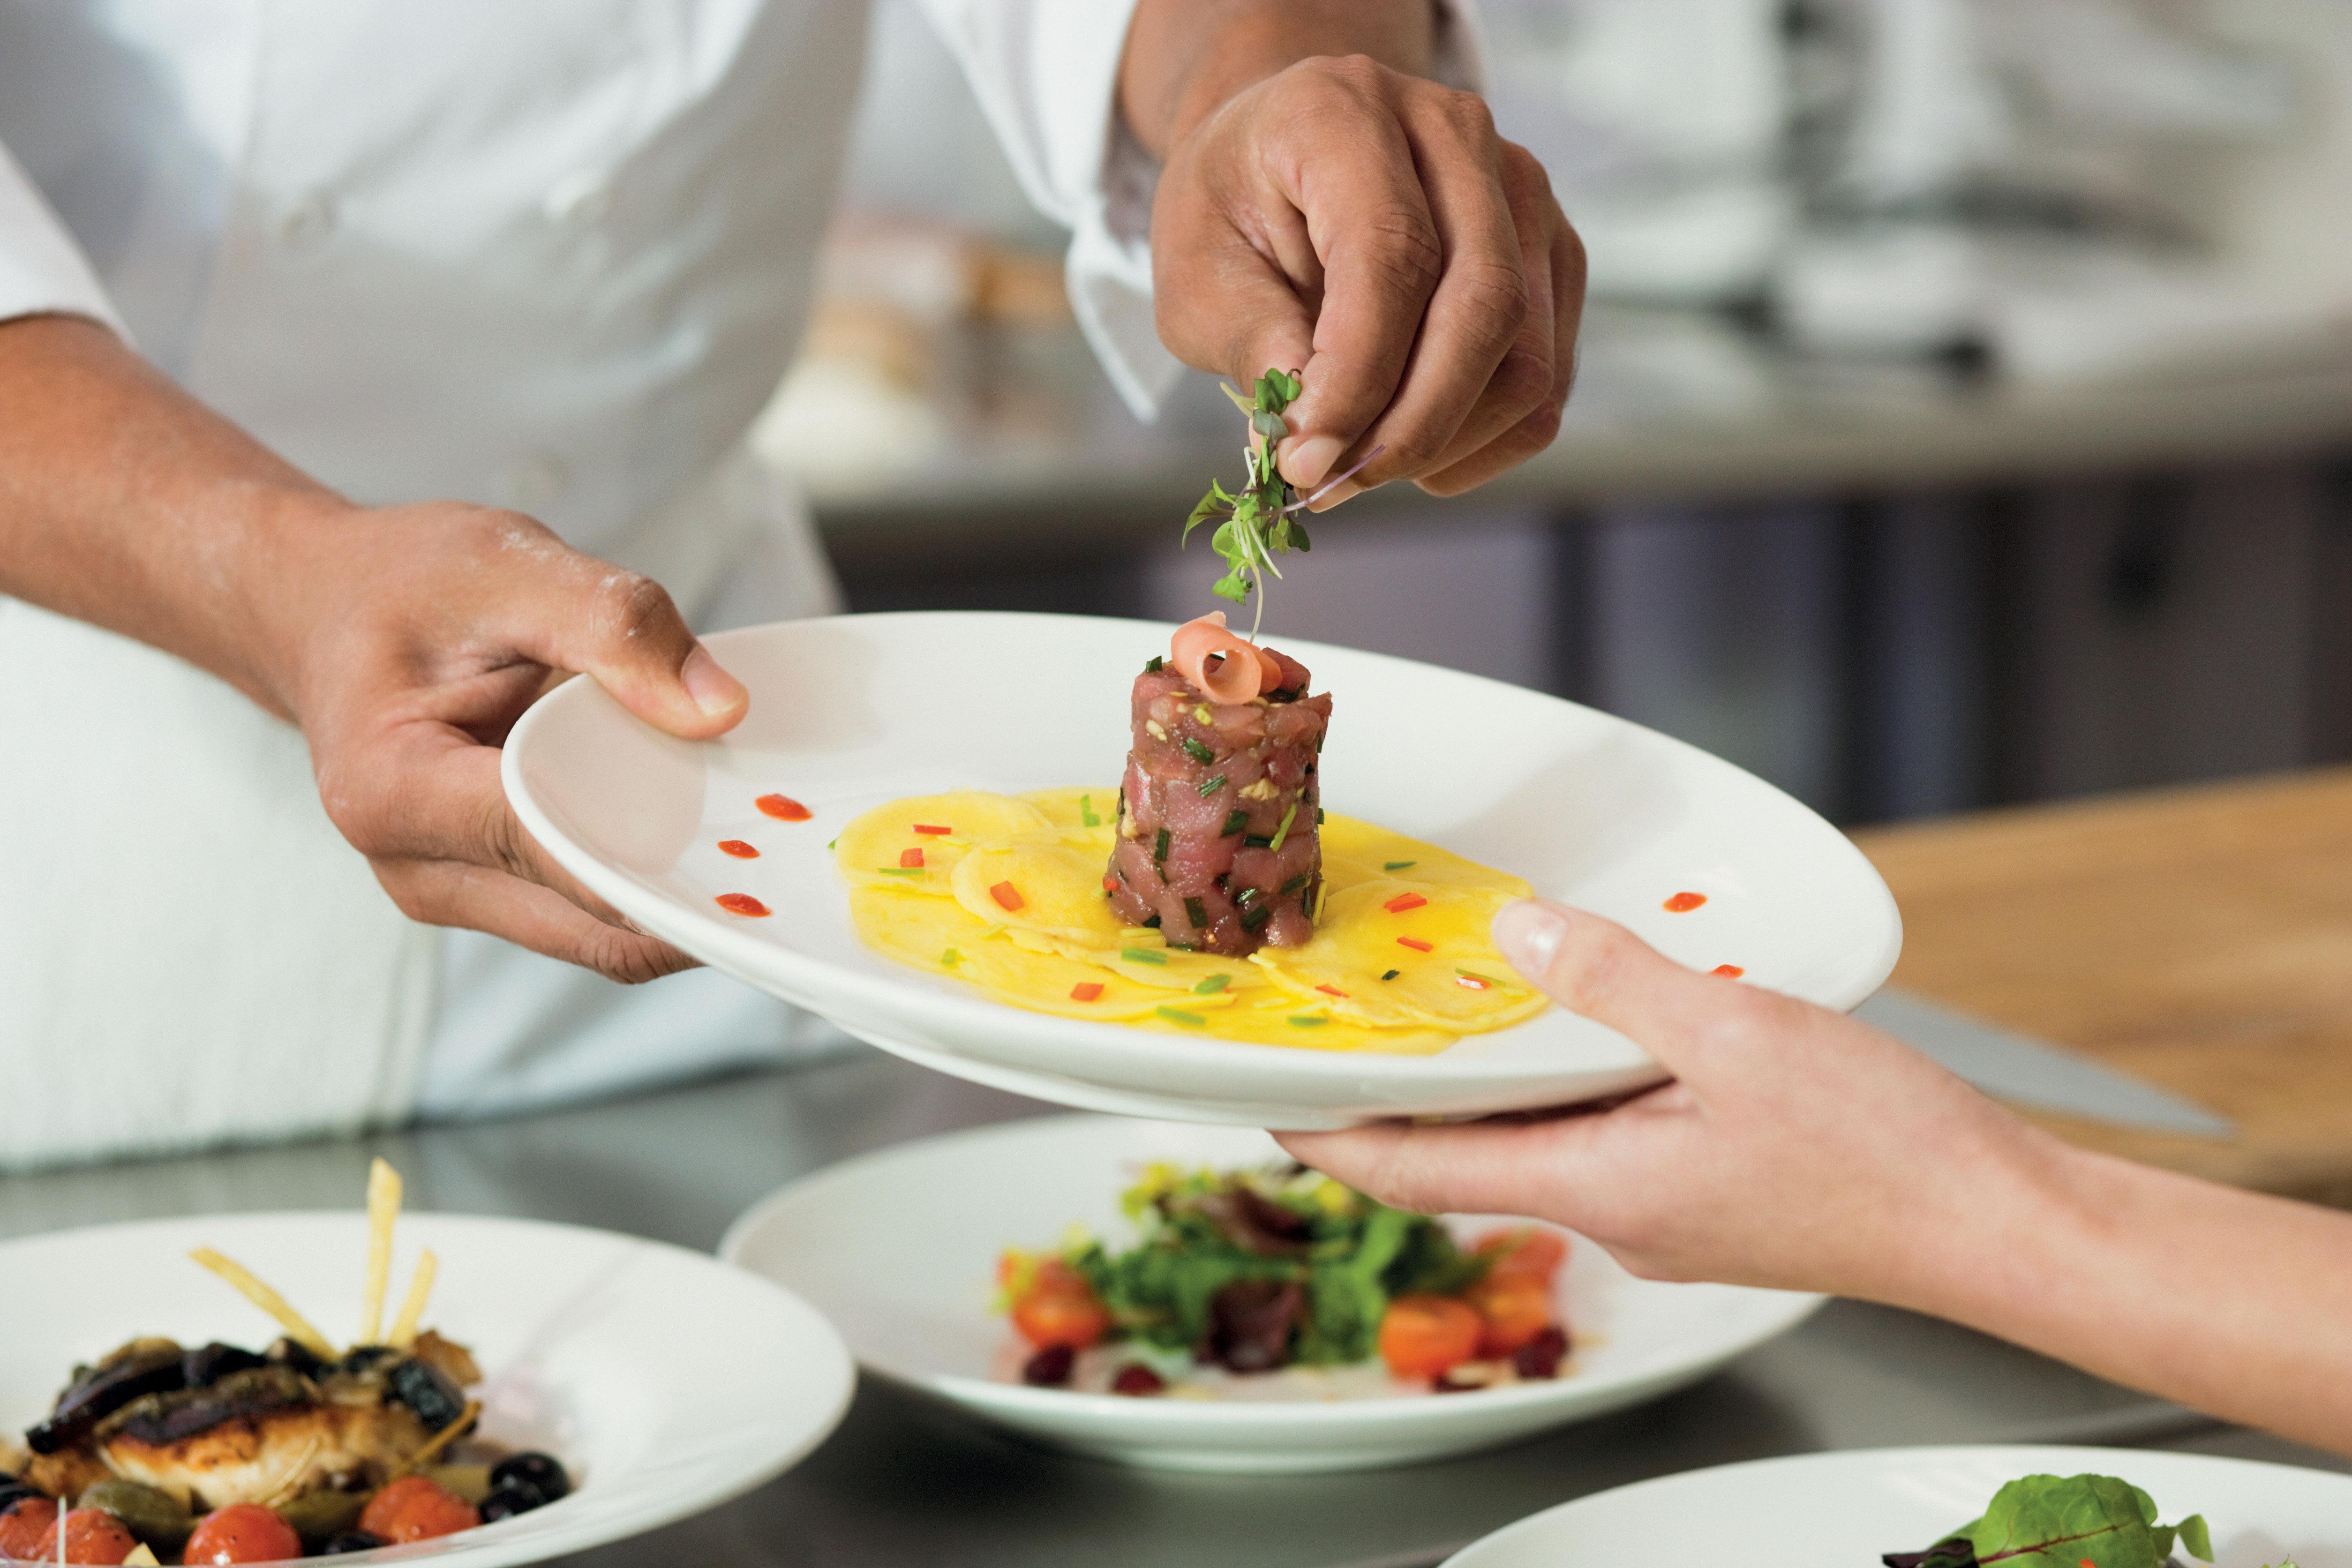 Cours cuisine chef smartbox blog for Smartbox cours de cuisine